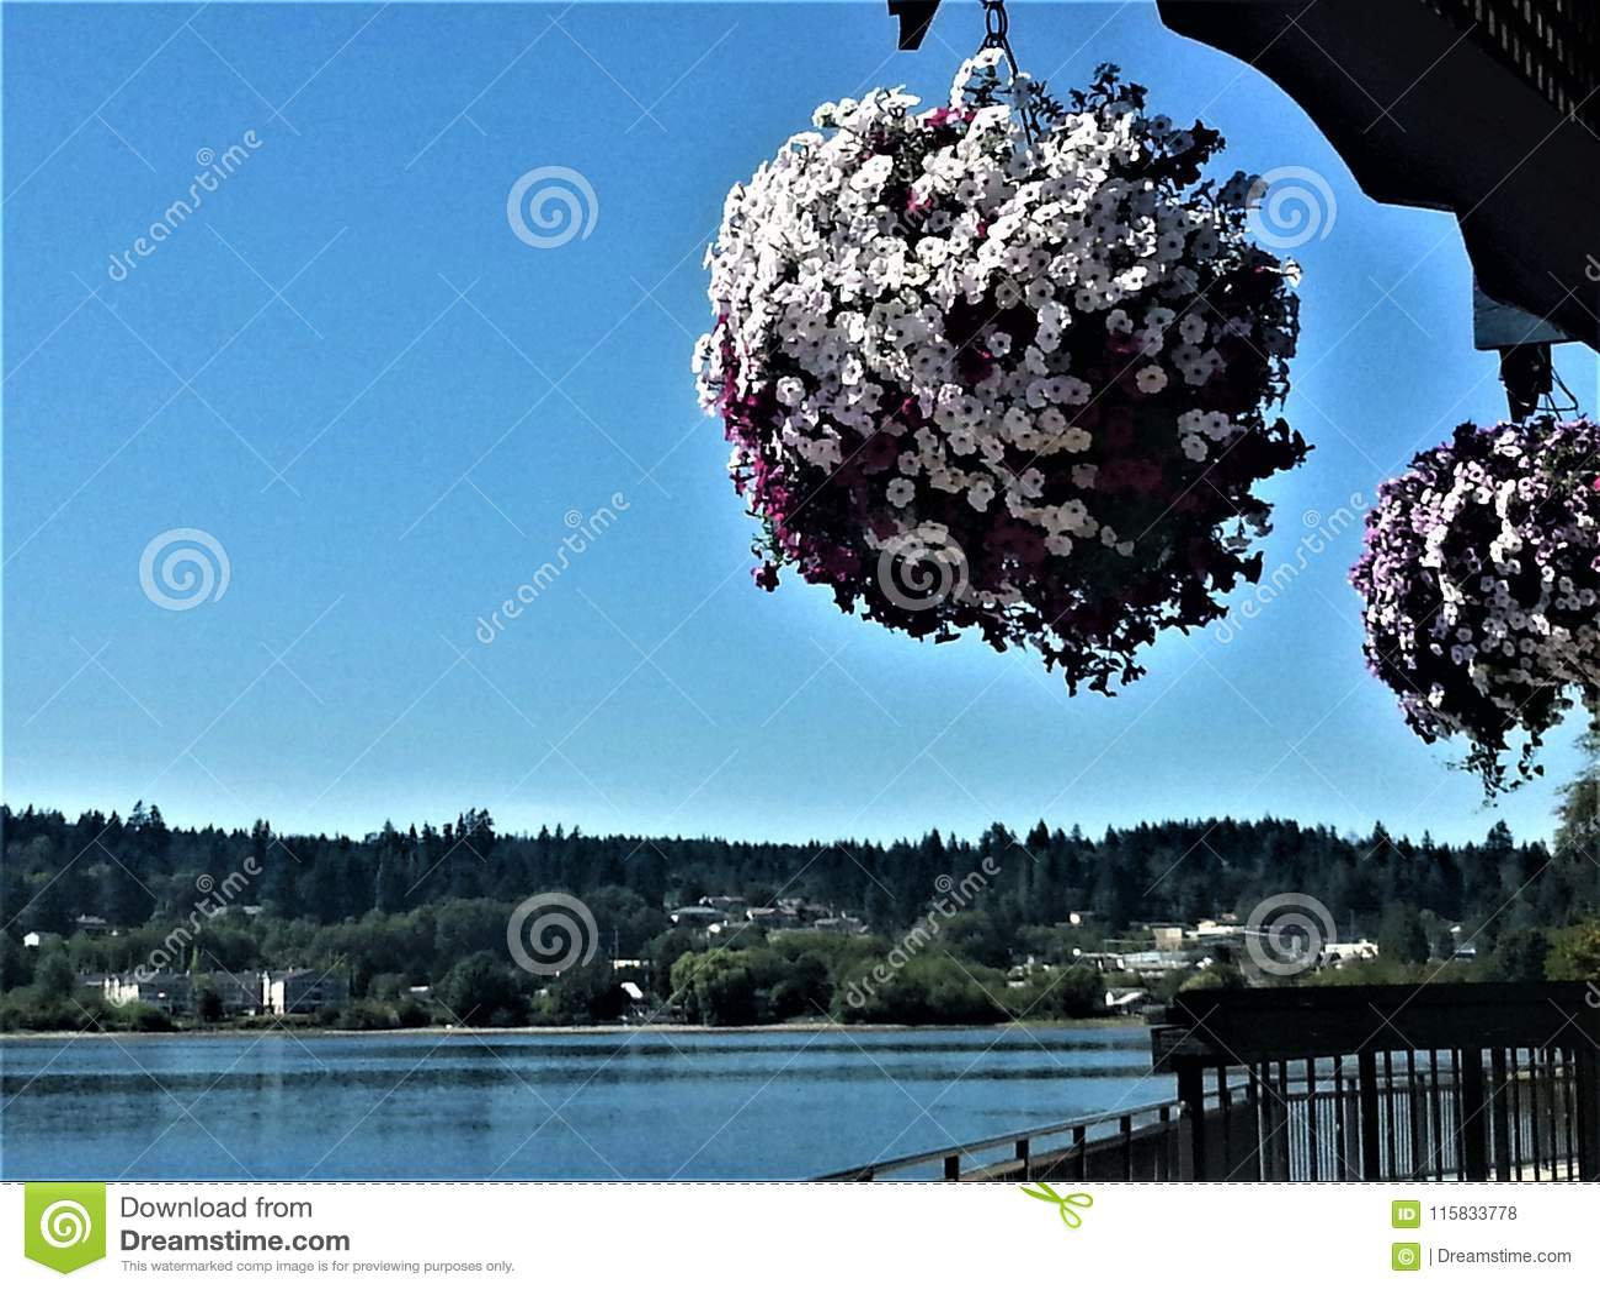 Petuniasfärer över Puget Sound